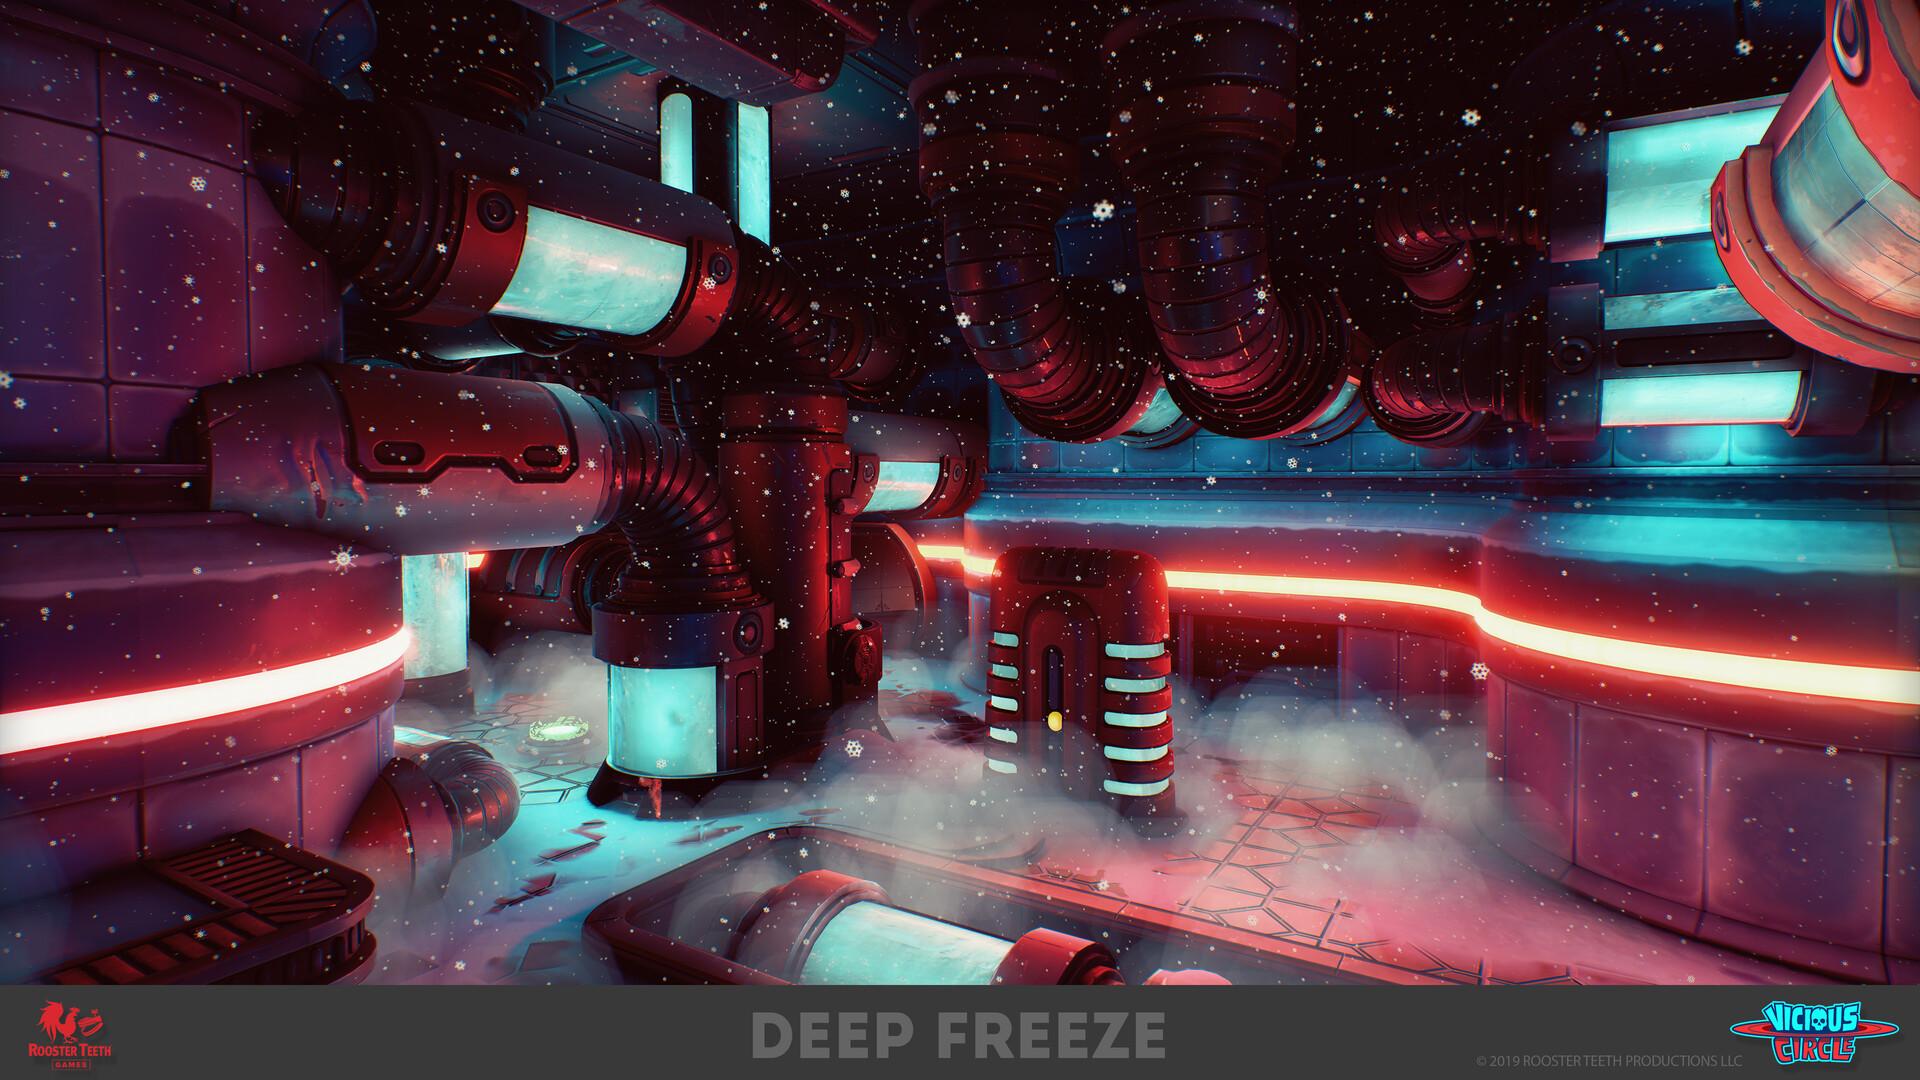 Markel milanes deep freeze renders 08